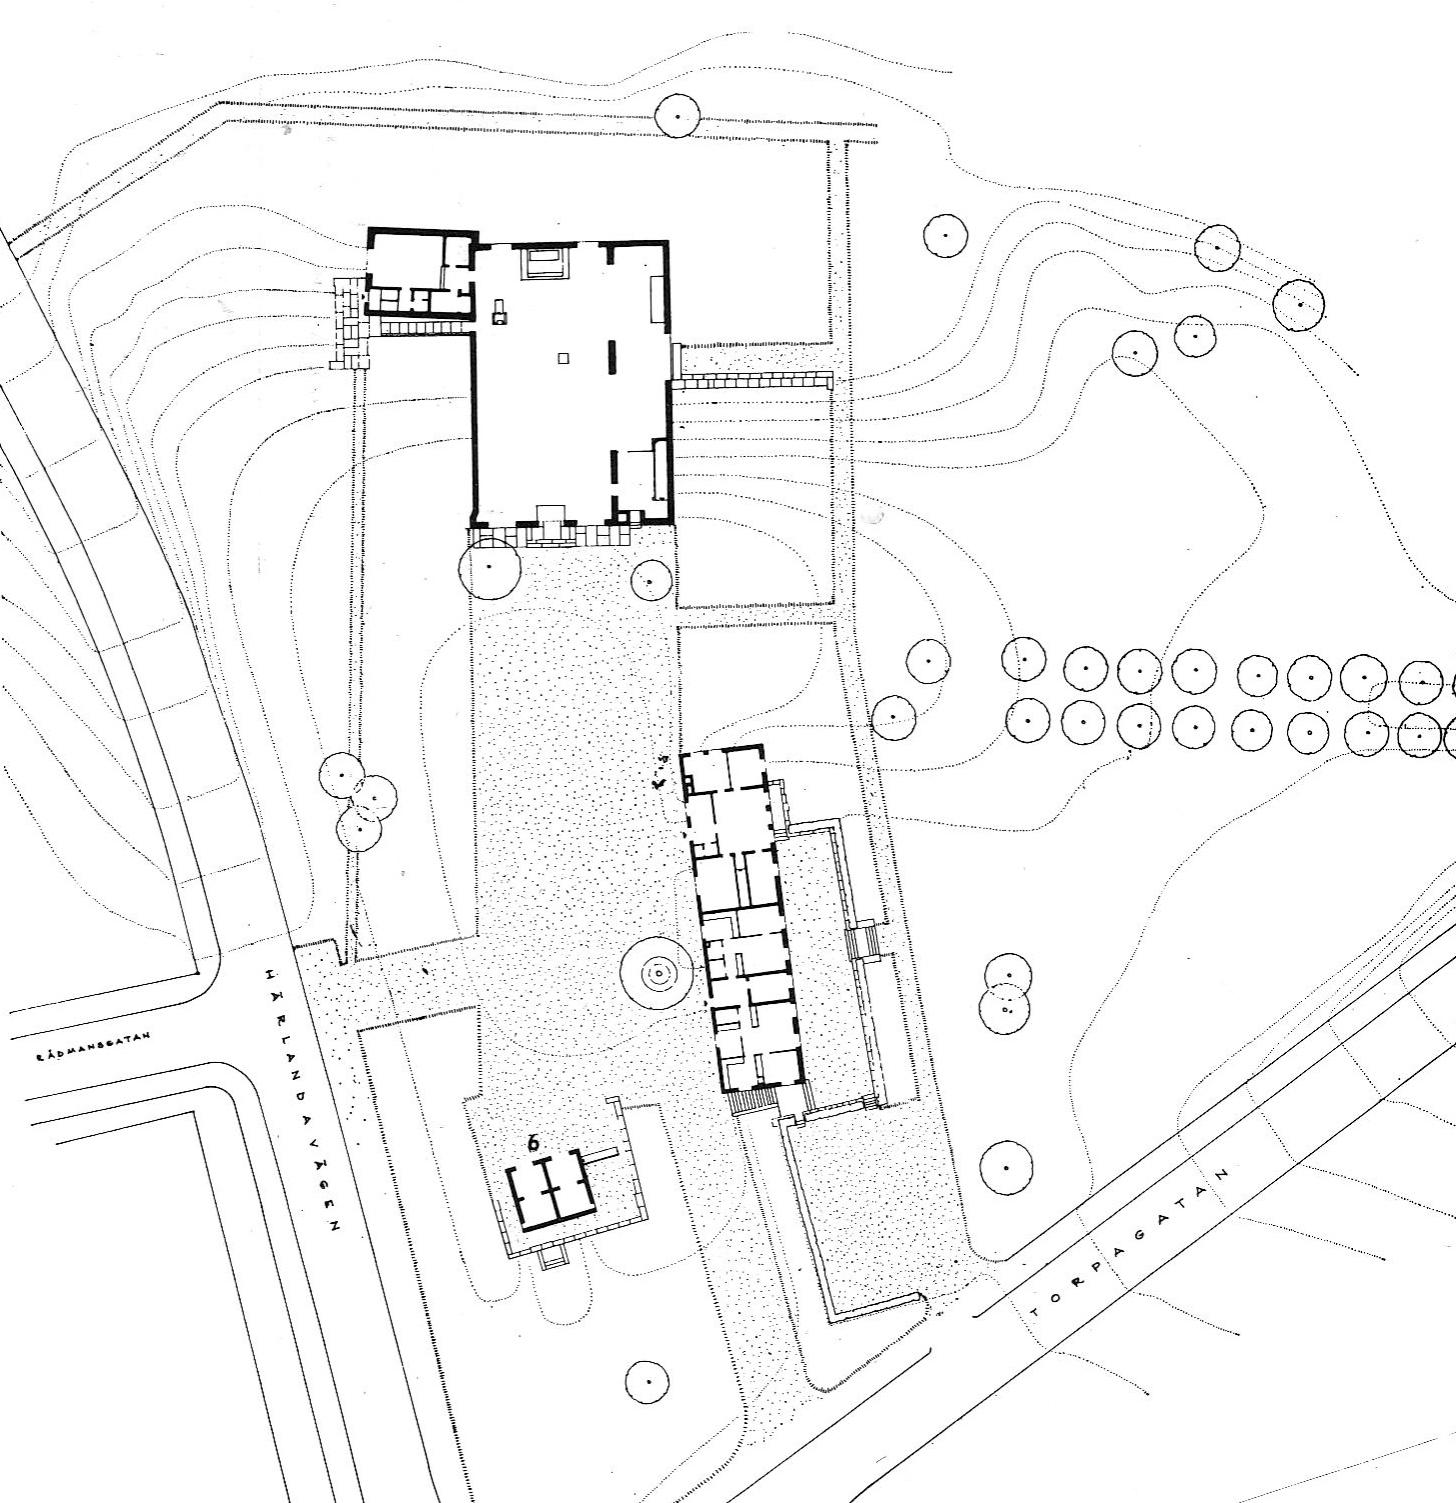 Hrlanda planer 11-manna, 7-manna, grs Gteborg karta